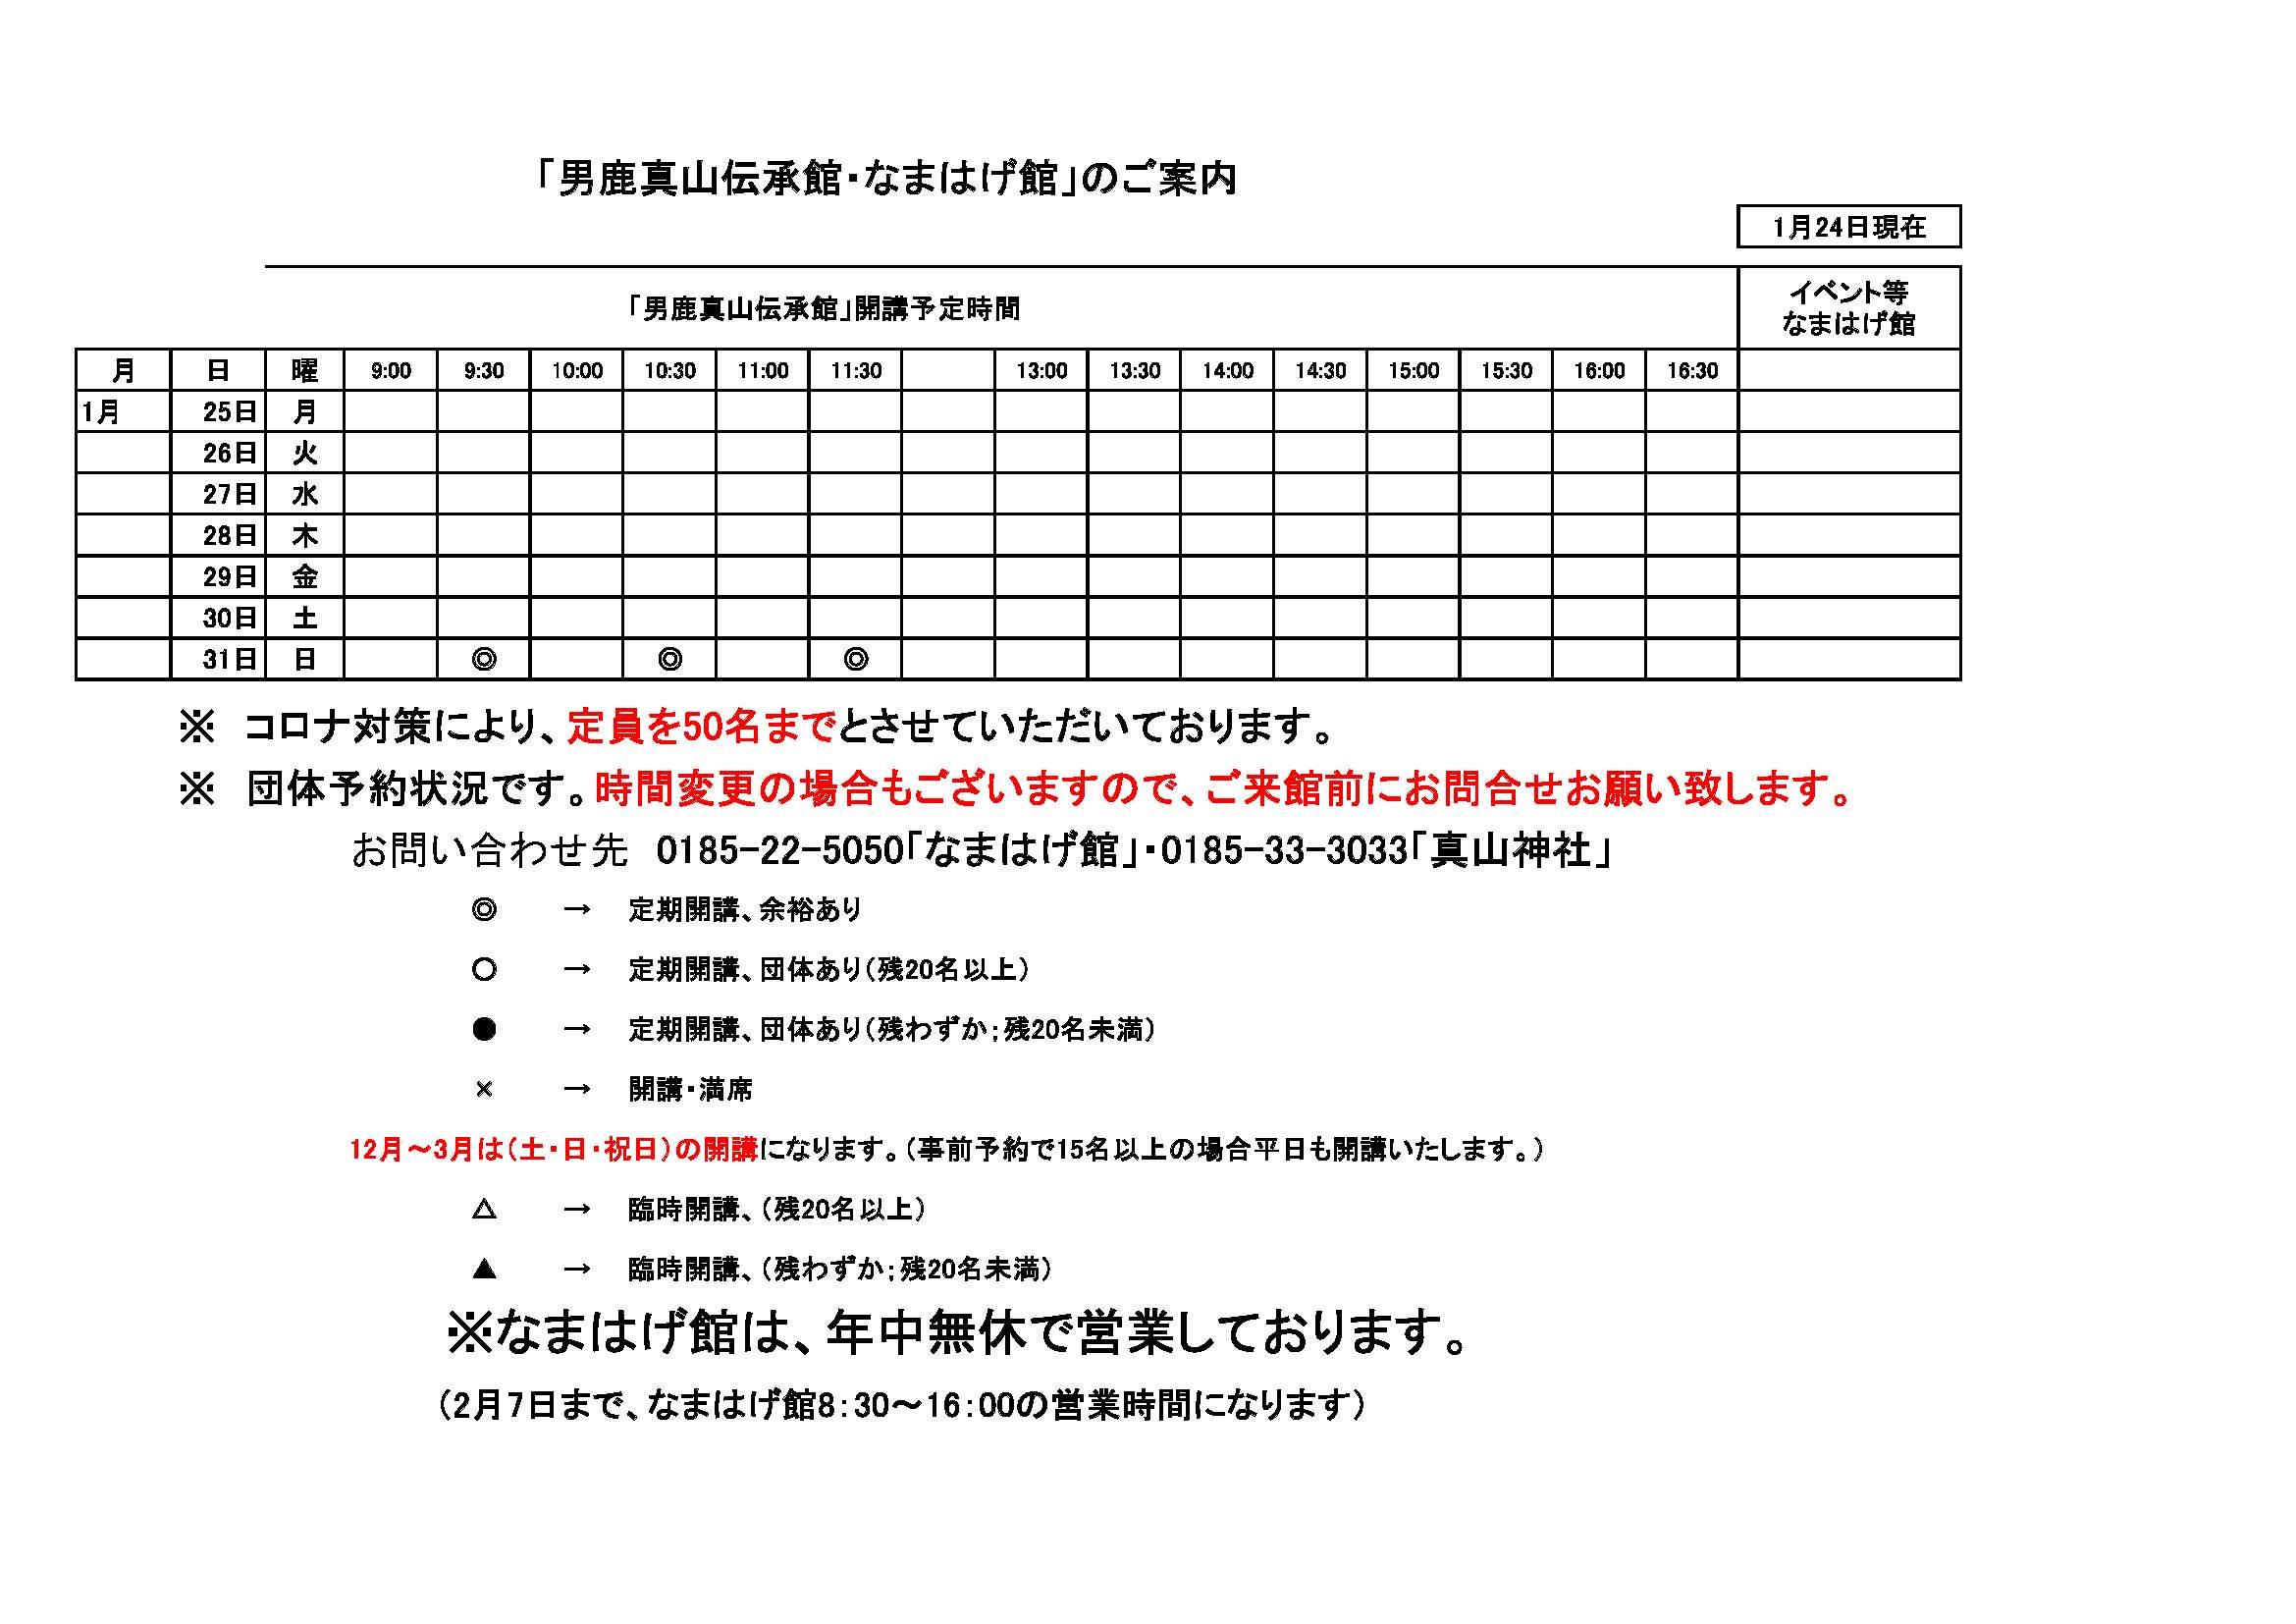 伝承館お知らせ 1月24日.jpg